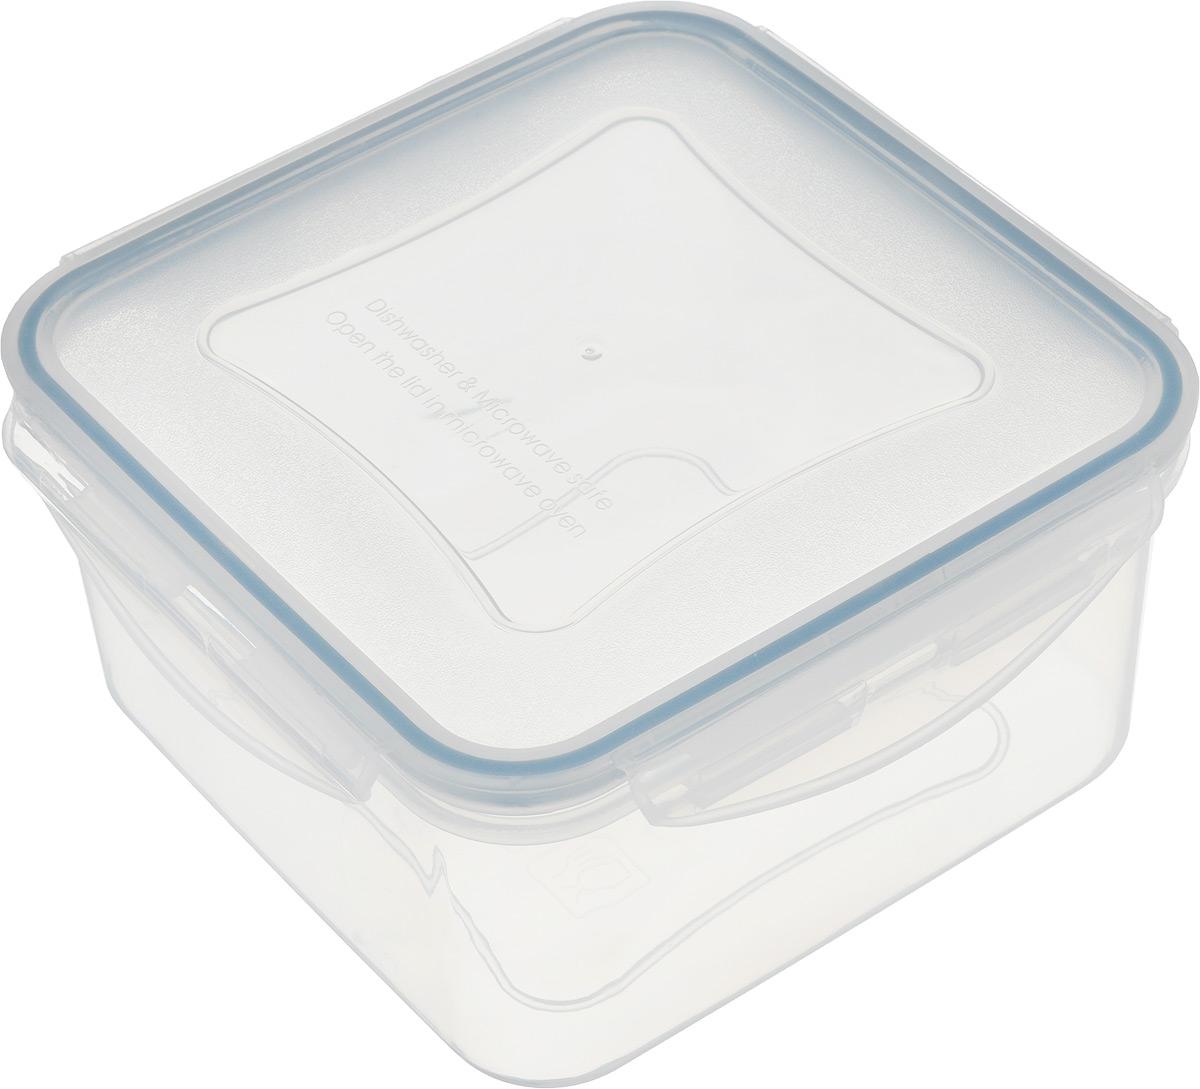 Контейнер Tescoma Freshbox, квадратный, 1,2 л53512Квадратный контейнер Tescoma Freshbox замечателен для хранения и переноски продуктов. Выполнен из высокопрочной жаростойкой пластмассы, которая выдерживает температуру от -18°С до +110°С. Контейнера снабжен воздухонепроницаемой и водонепроницаемой крышкой с силиконовой прокладкой, которая гарантирует герметичность. Продукты дольше сохраняют свежесть и аромат, а жидкие блюда не вытекают. Контейнер очень вместителен, он отлично подойдет для хранения пищи дома, а также для пикников и выездов на природу. Контейнер пригоден для использования в холодильнике, морозильной камере и микроволновой печи. Допускается мытье в посудомоечной машине.